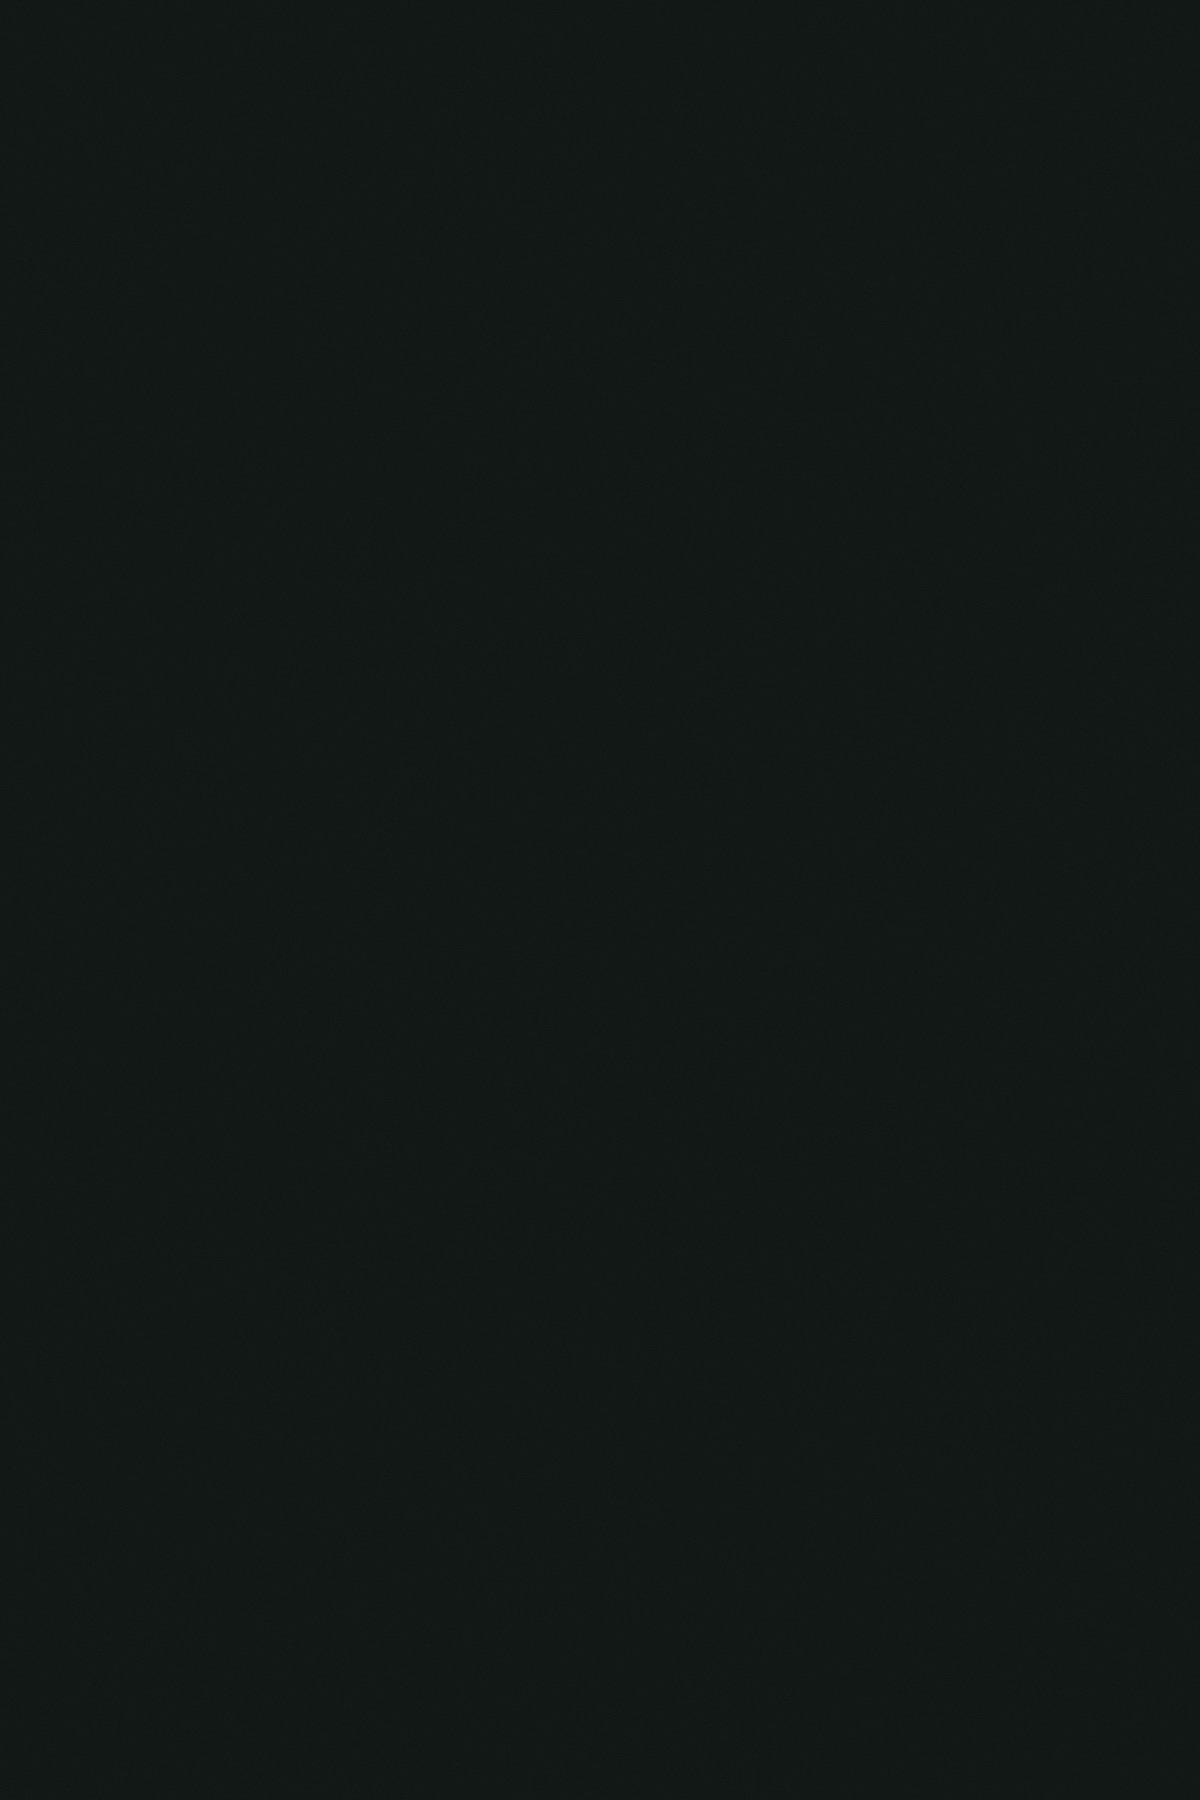 Чорний 0190 PE